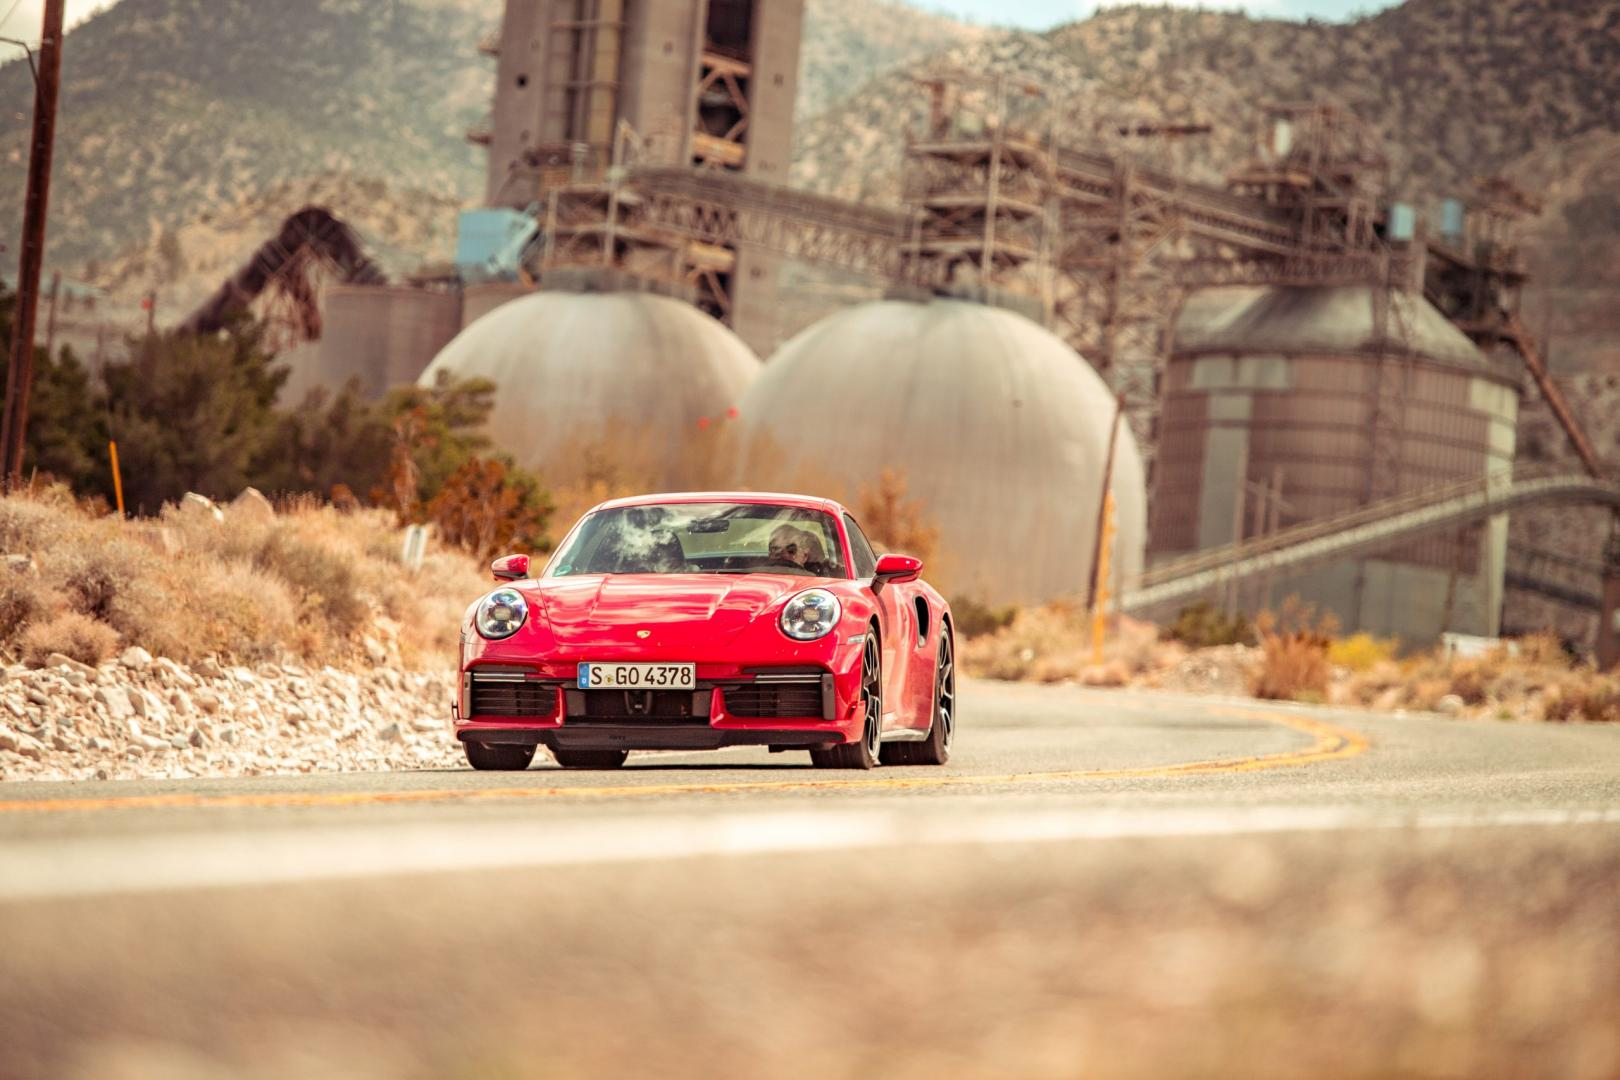 Porsche 911 Turbo S (992) op woestijnweg